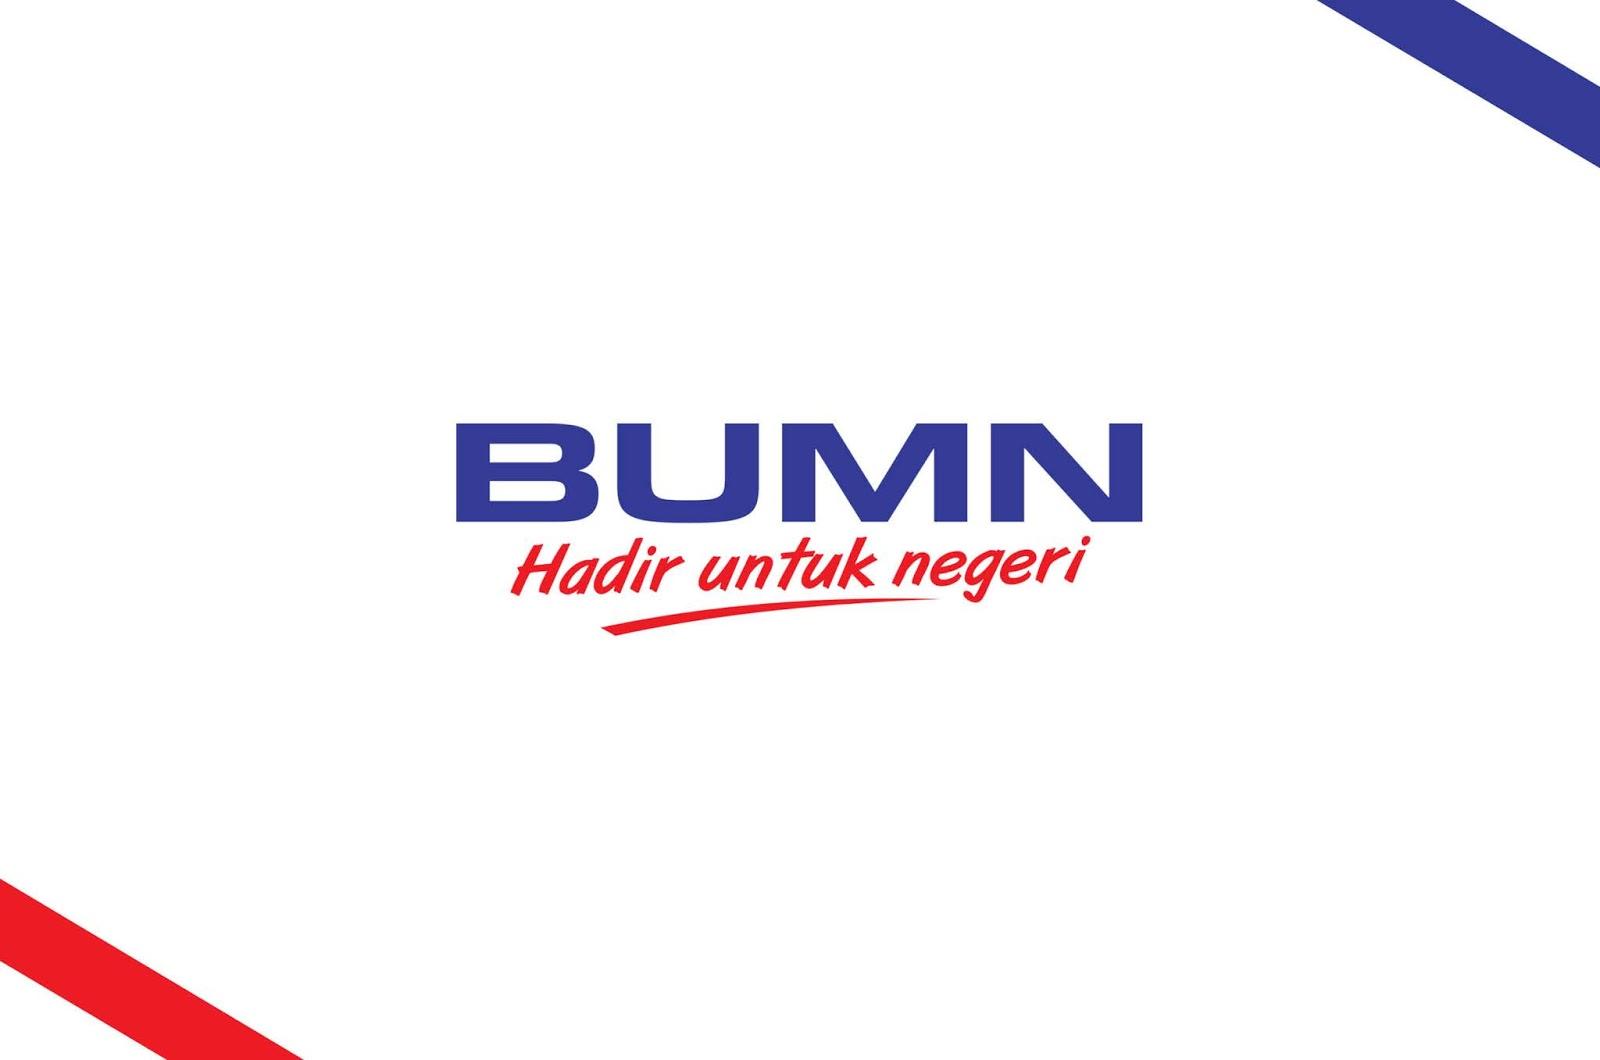 Daftar 5 Perusahaan BUMN dengan Gaji Tertinggi di Indonesia